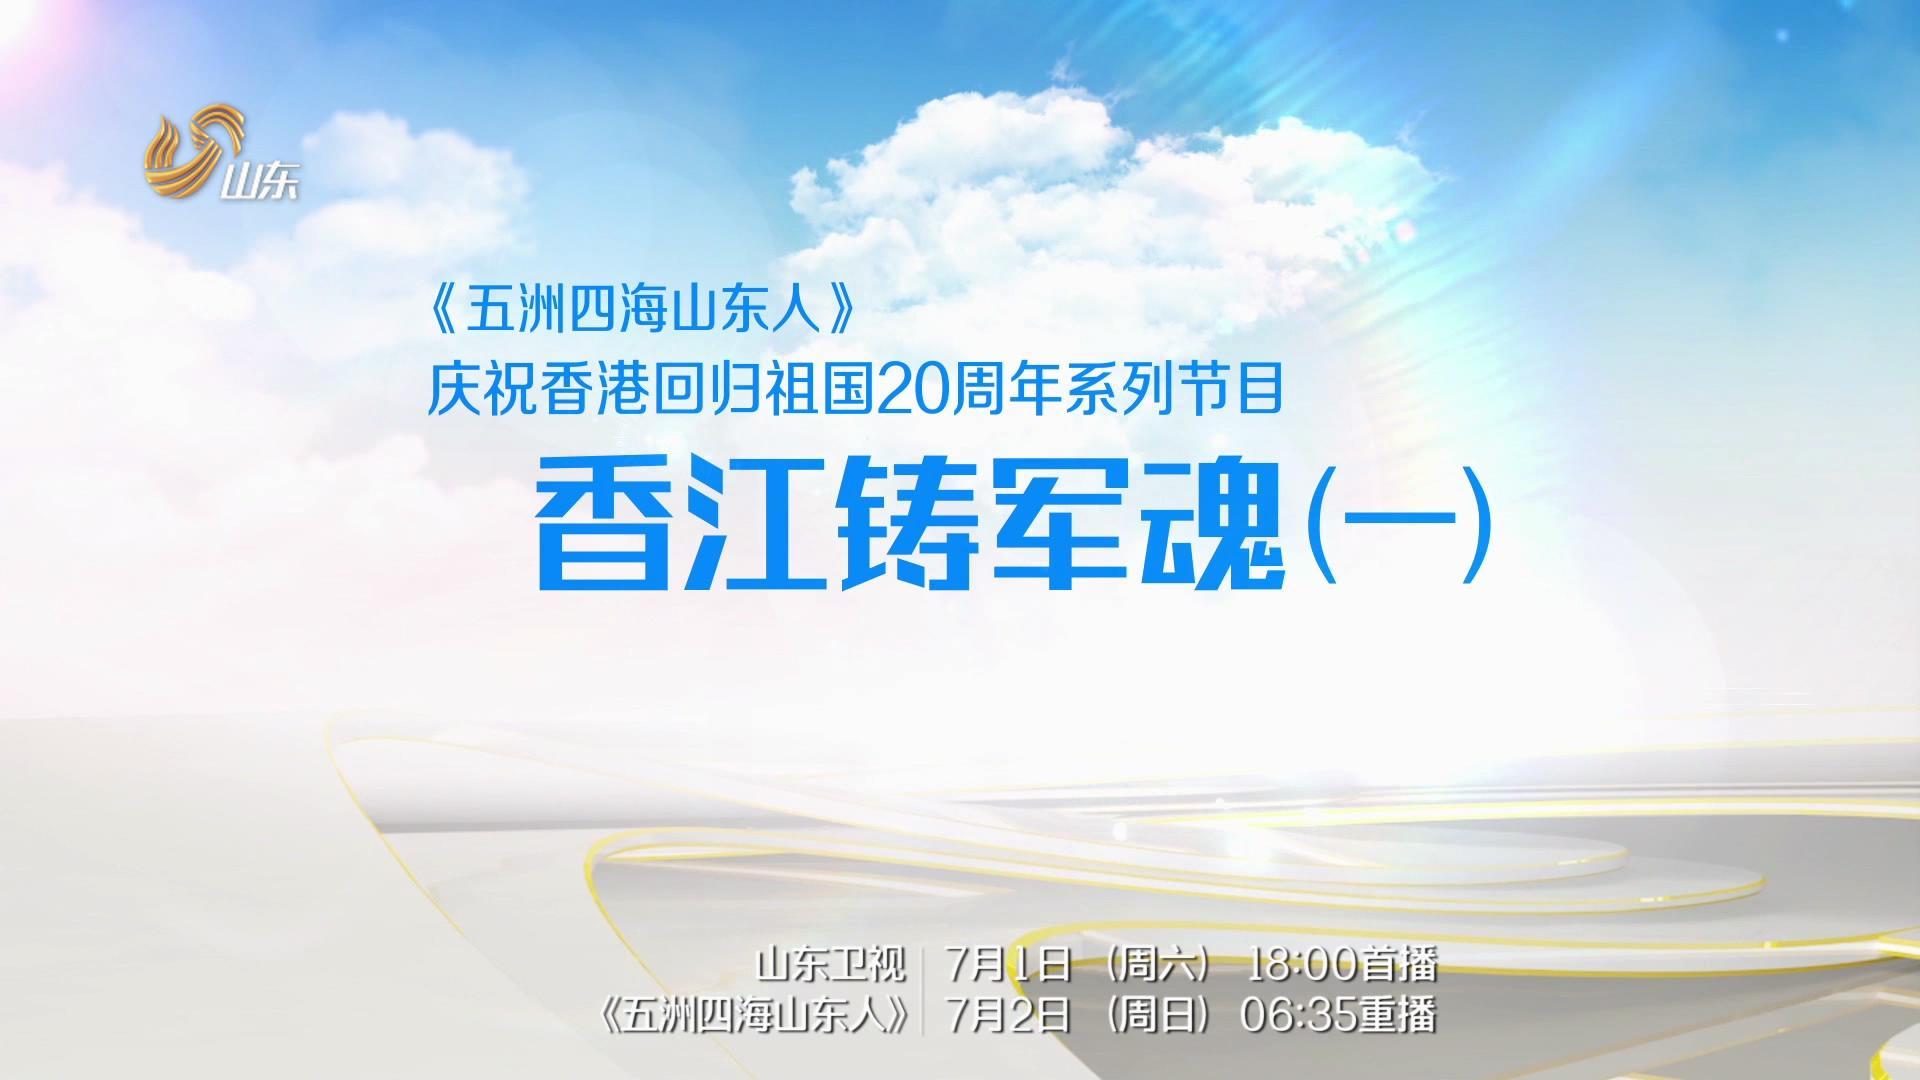 庆祝香港回归祖国20周年系列节目《香江铸军魂》